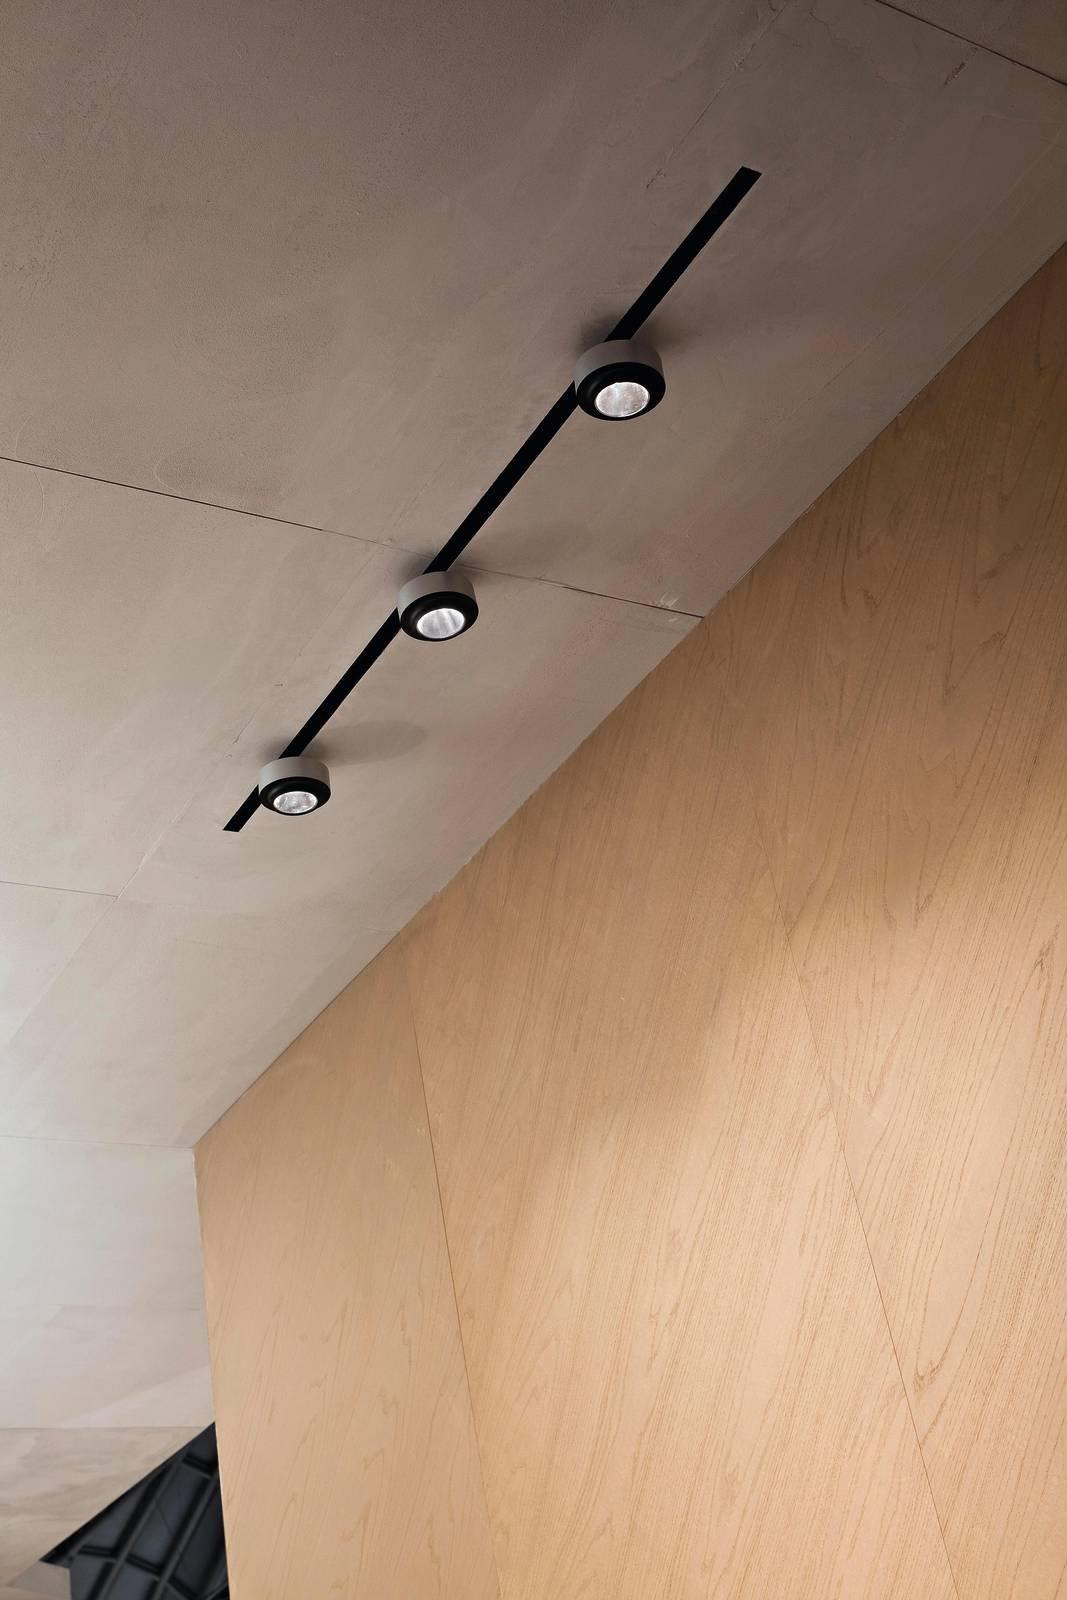 Flos Luci A Misura Di Spazi : Illuminare i quadri dal basso dall alto o con luce